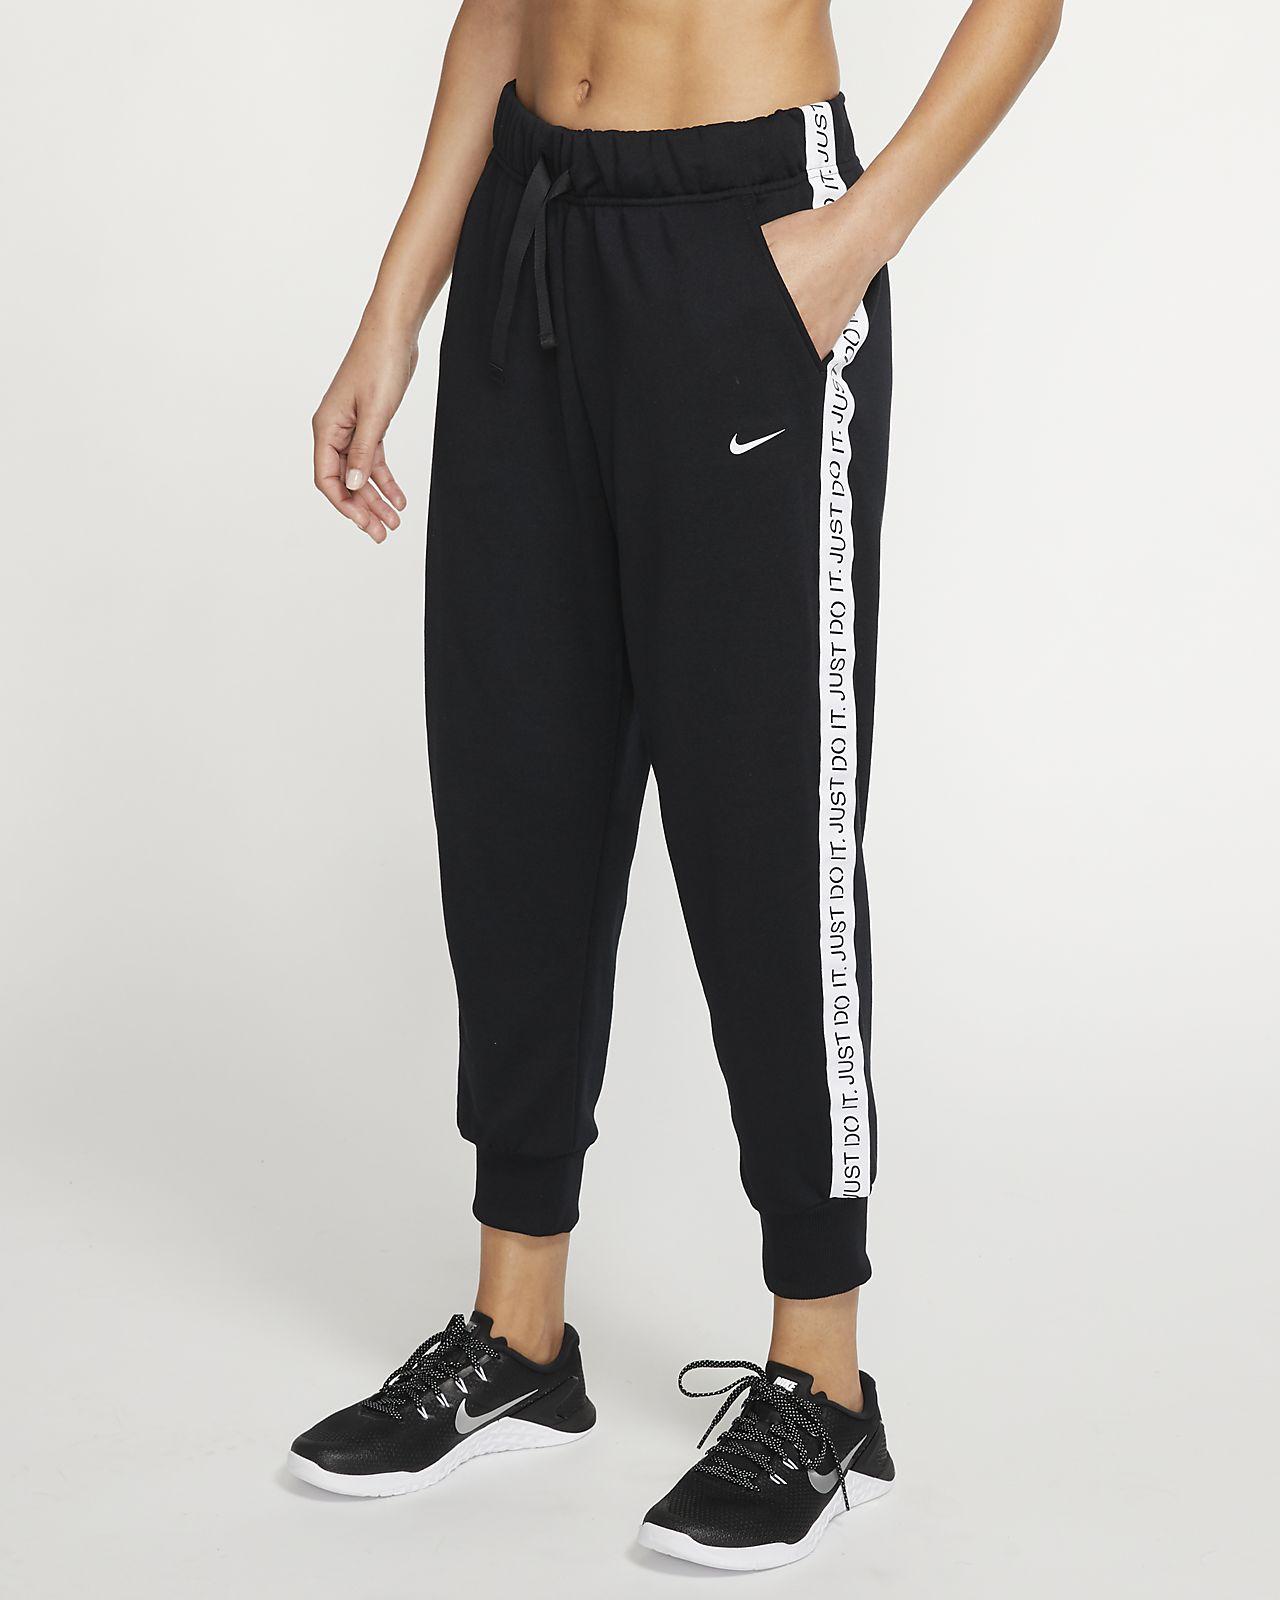 Nike Dri-FIT Get Fit Yünlü Kadın 7/8 Antrenman Eşofman Altı